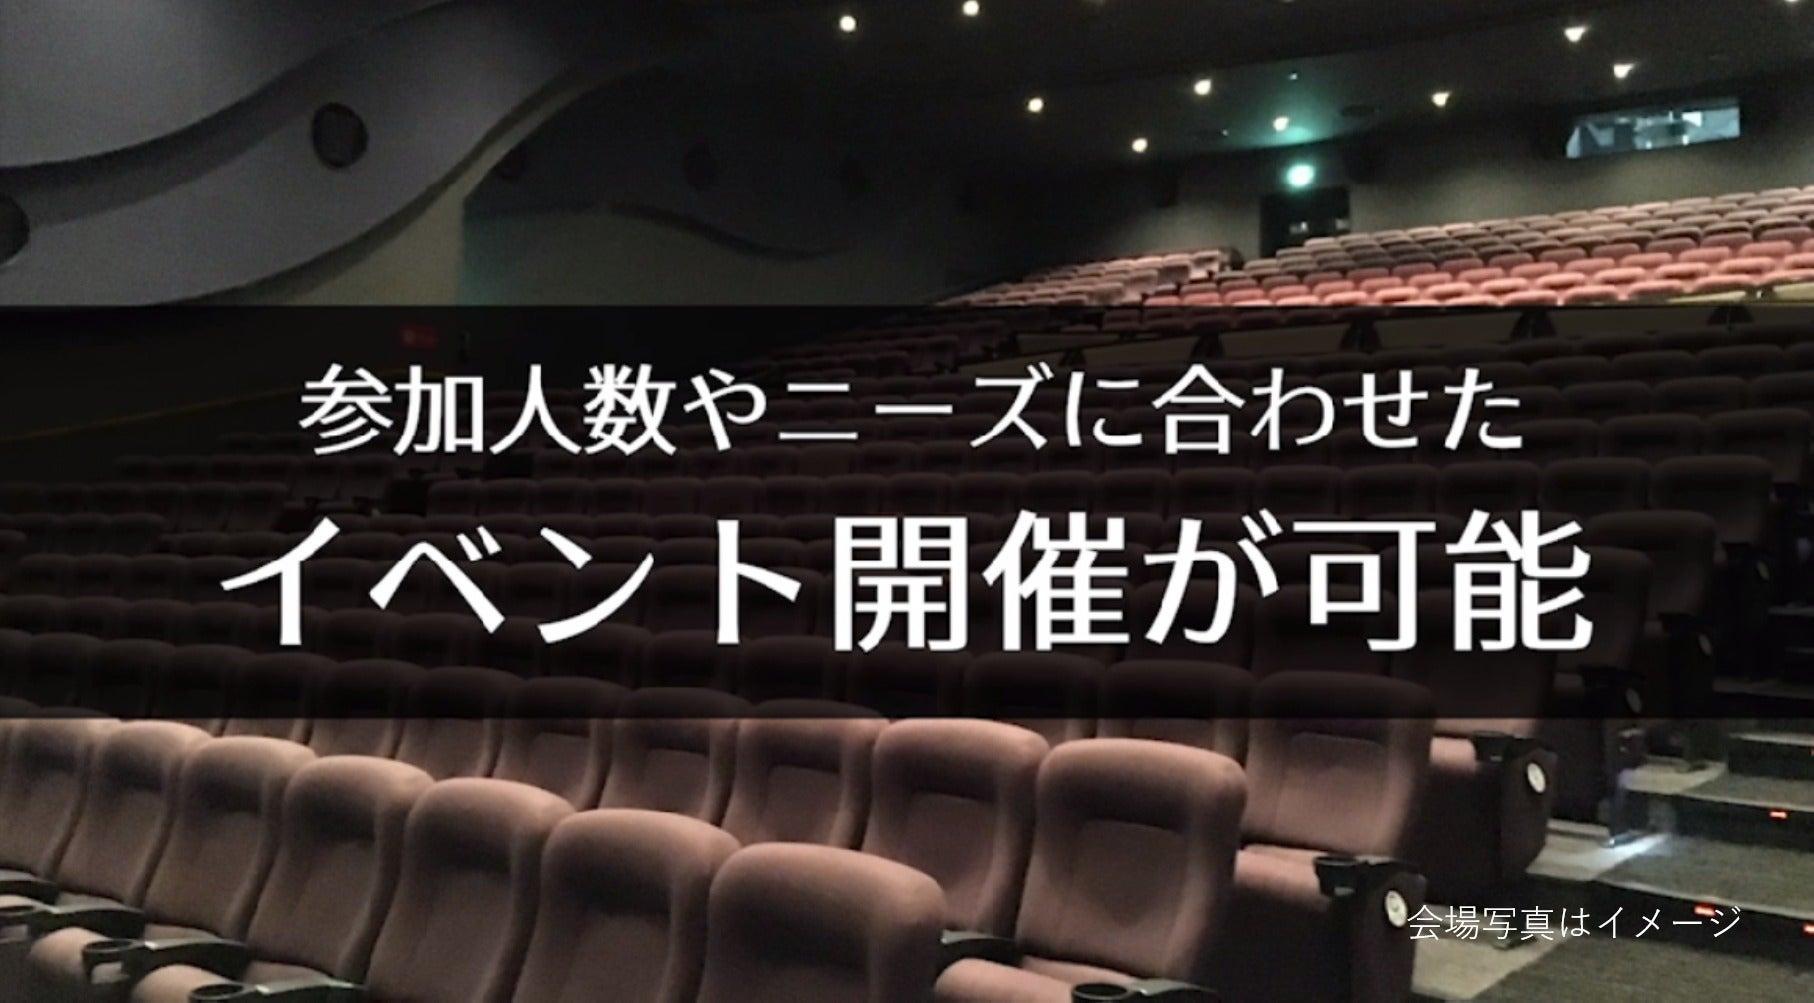 【大津 133席】映画館で、会社説明会、株主総会、講演会の企画はいかがですか?(ユナイテッド・シネマ大津) の写真0